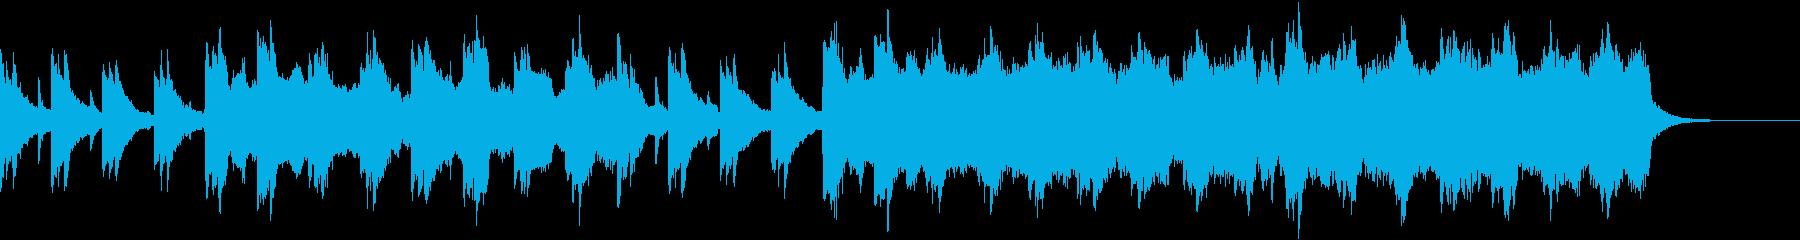 切ないバイオリンとピアノの再生済みの波形